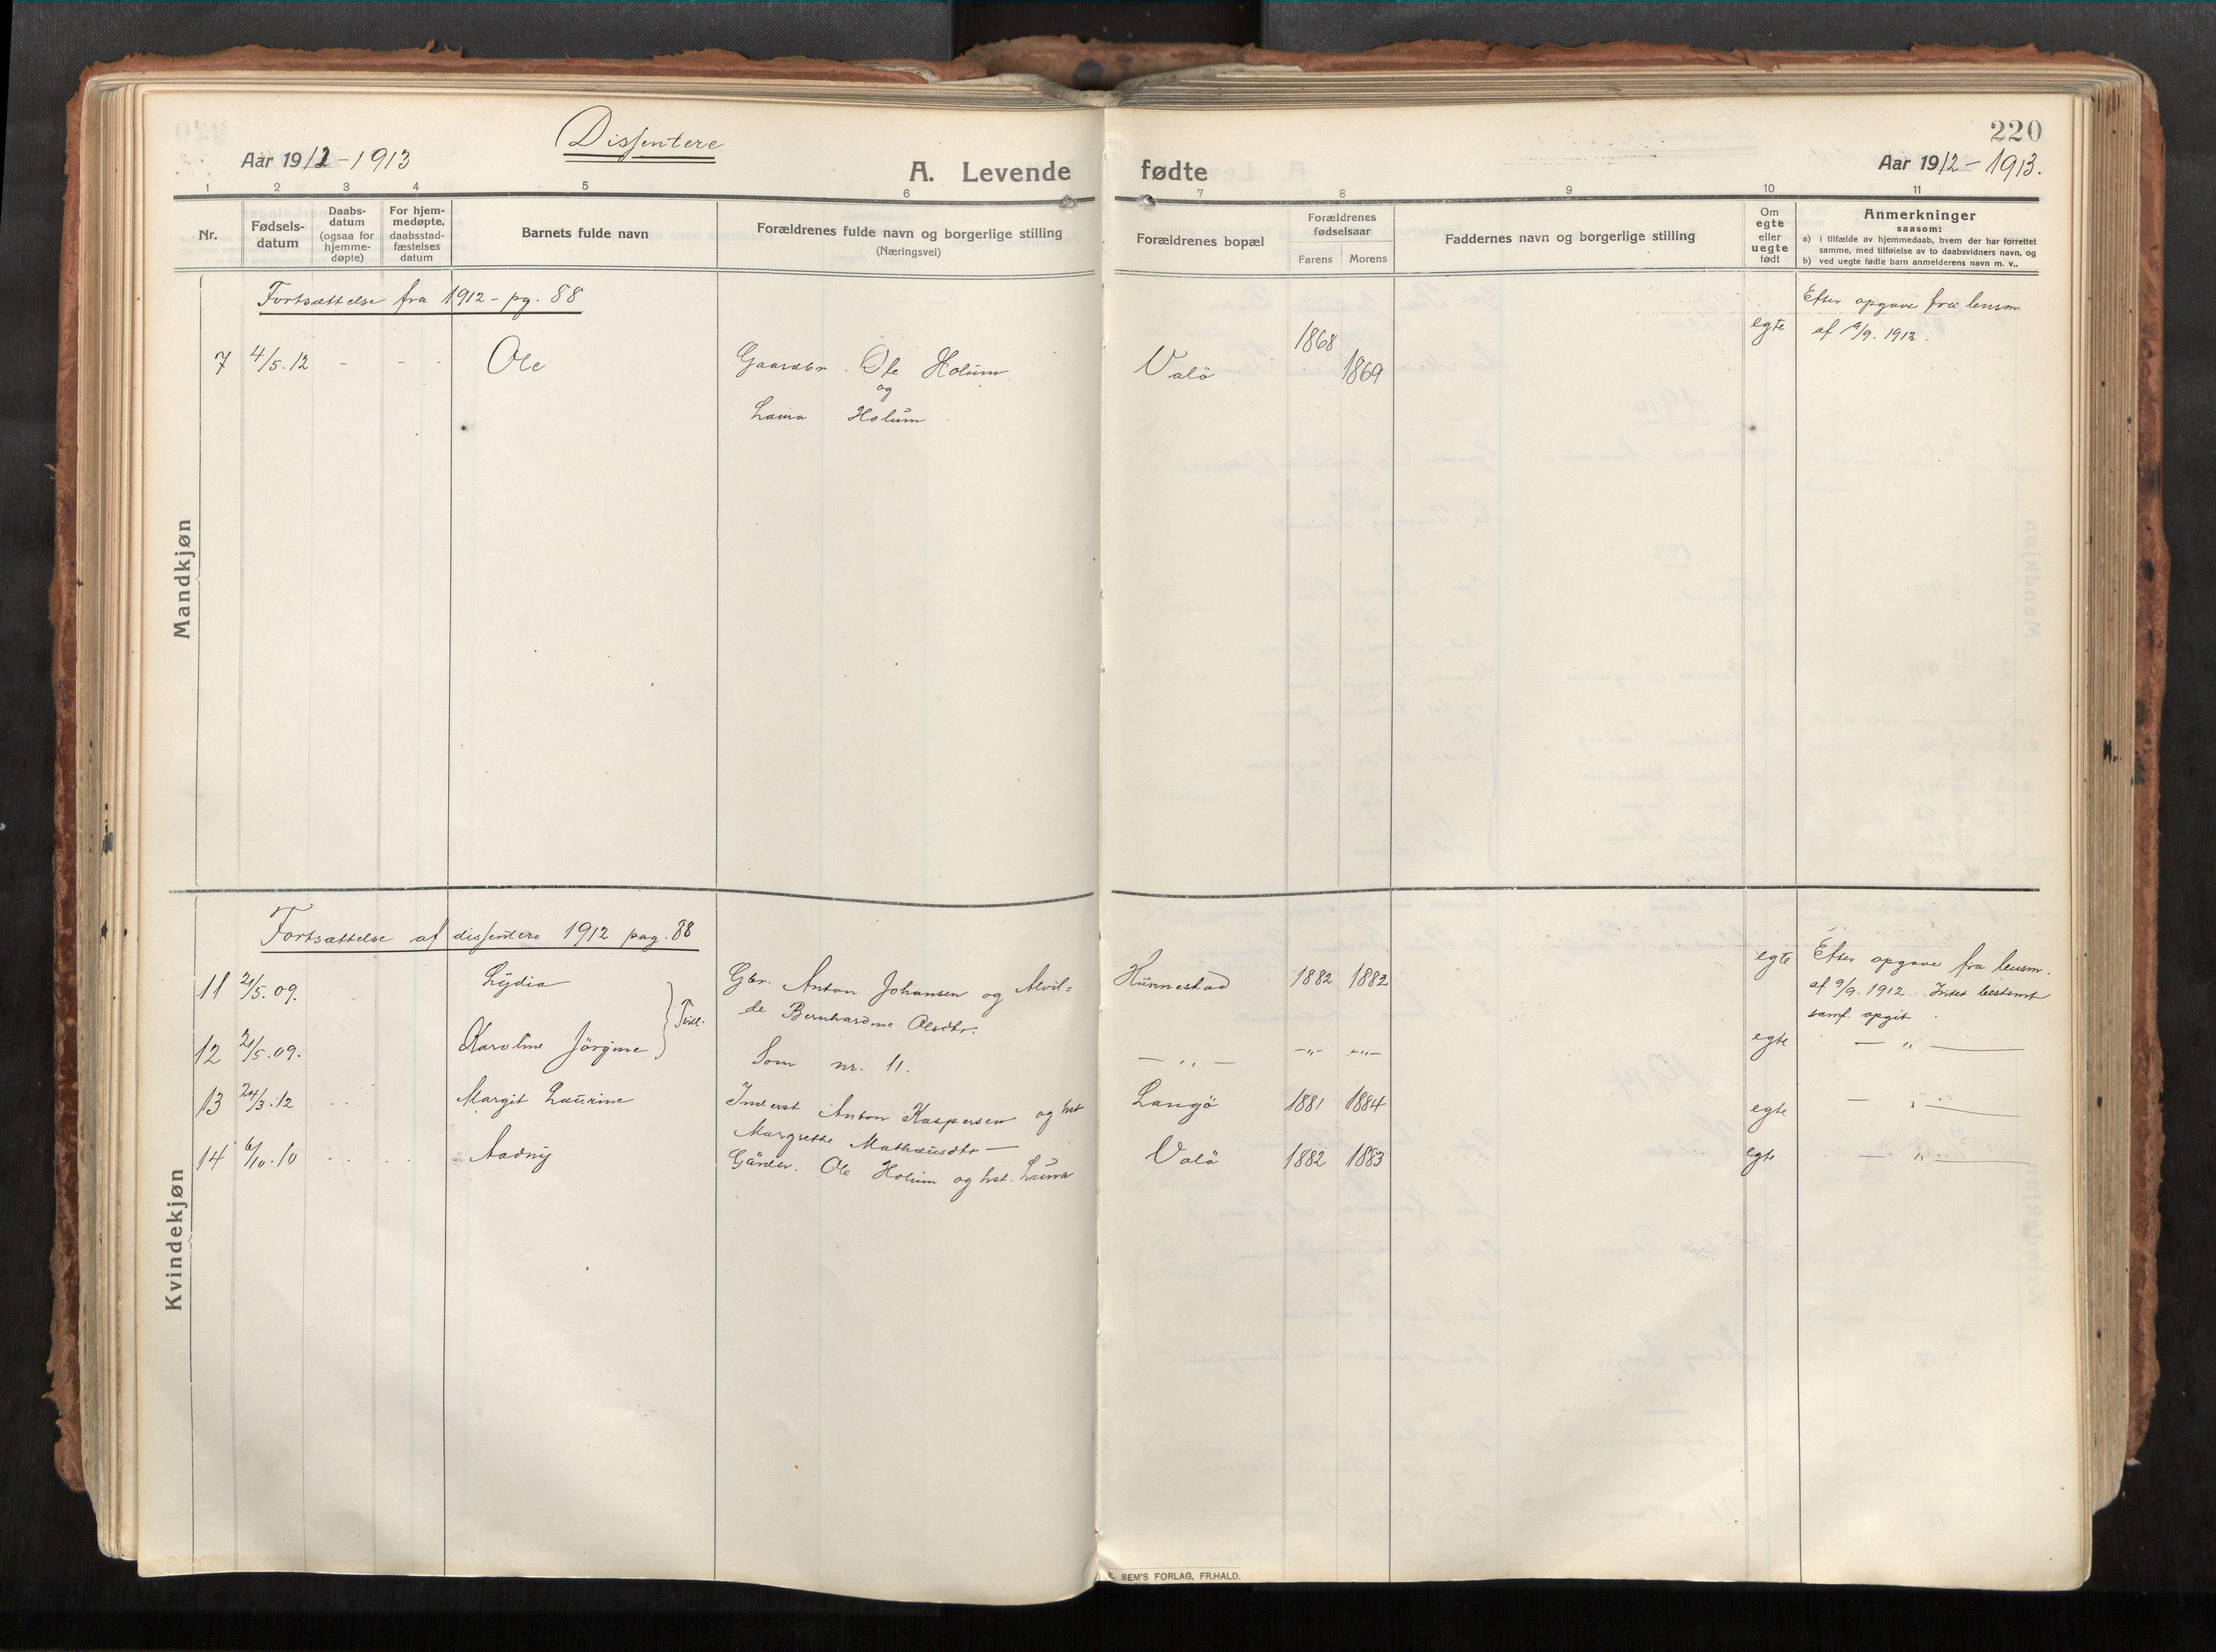 SAT, Vikna sokneprestkontor*, Parish register (official) no. 1, 1913-1934, p. 220